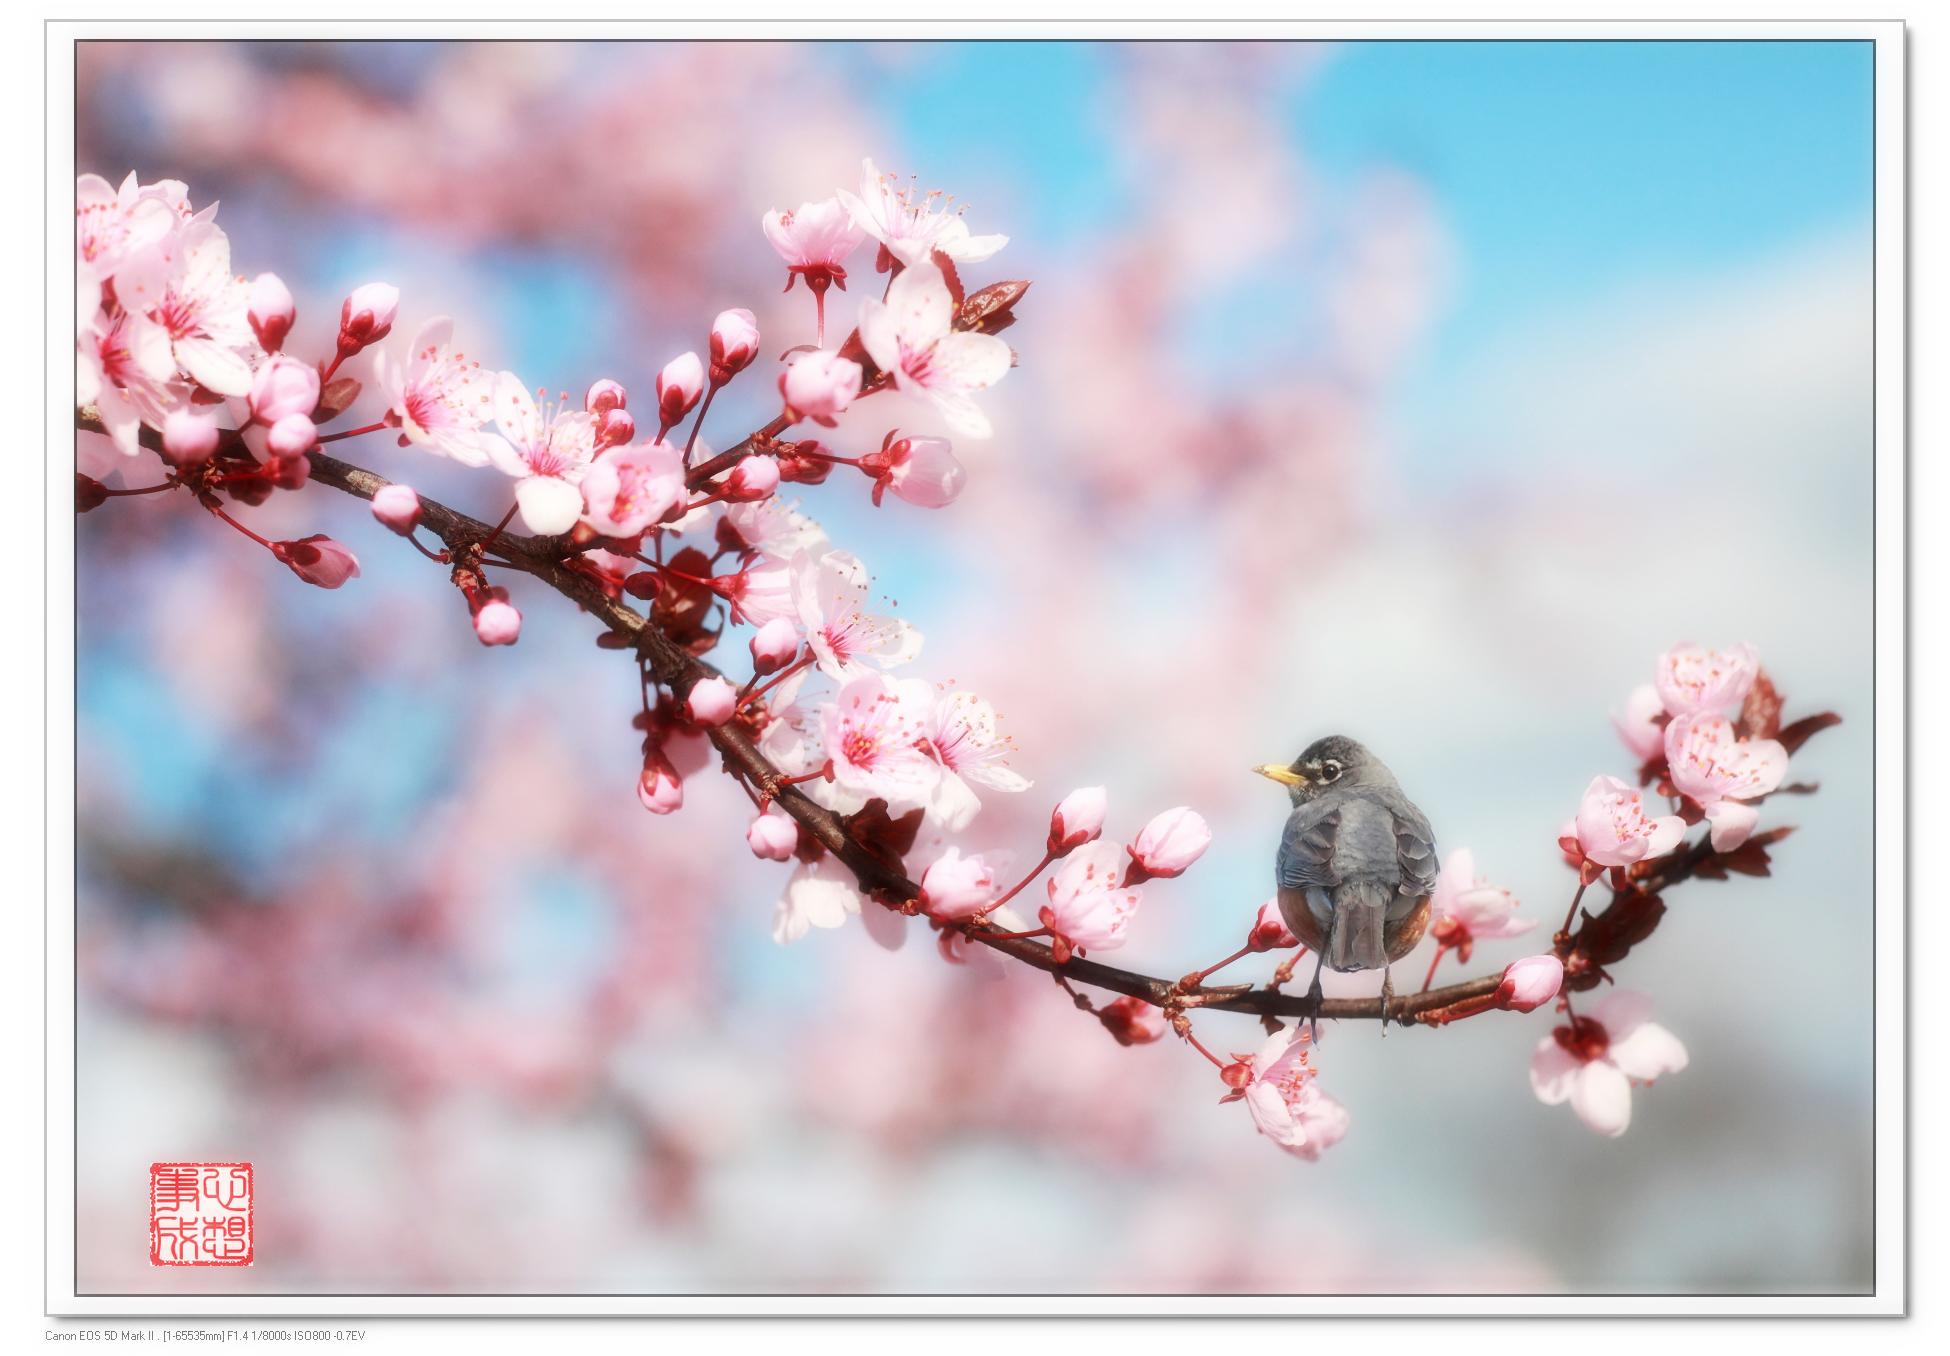 【心想事成】鸟语花香-PS合成的原创片_图1-1